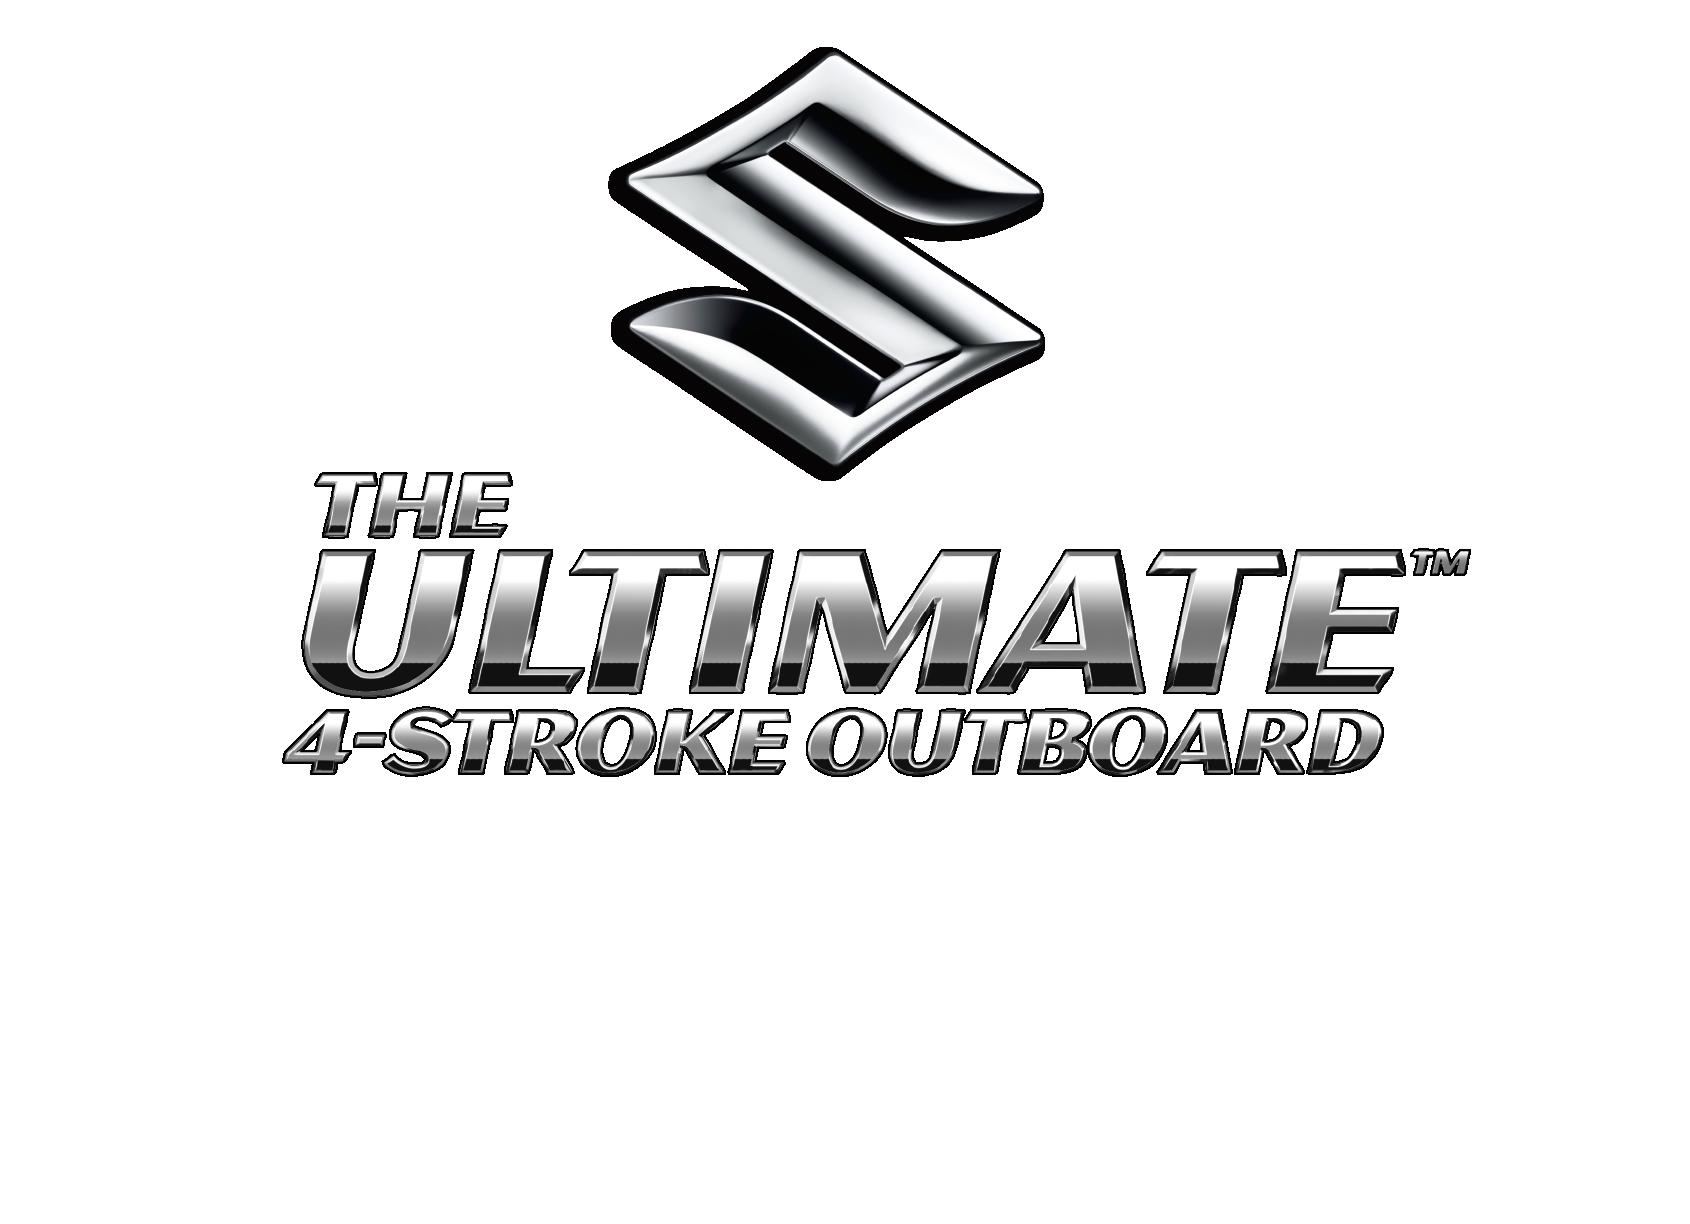 Suzuki Ultimate Outboard Logo Silver